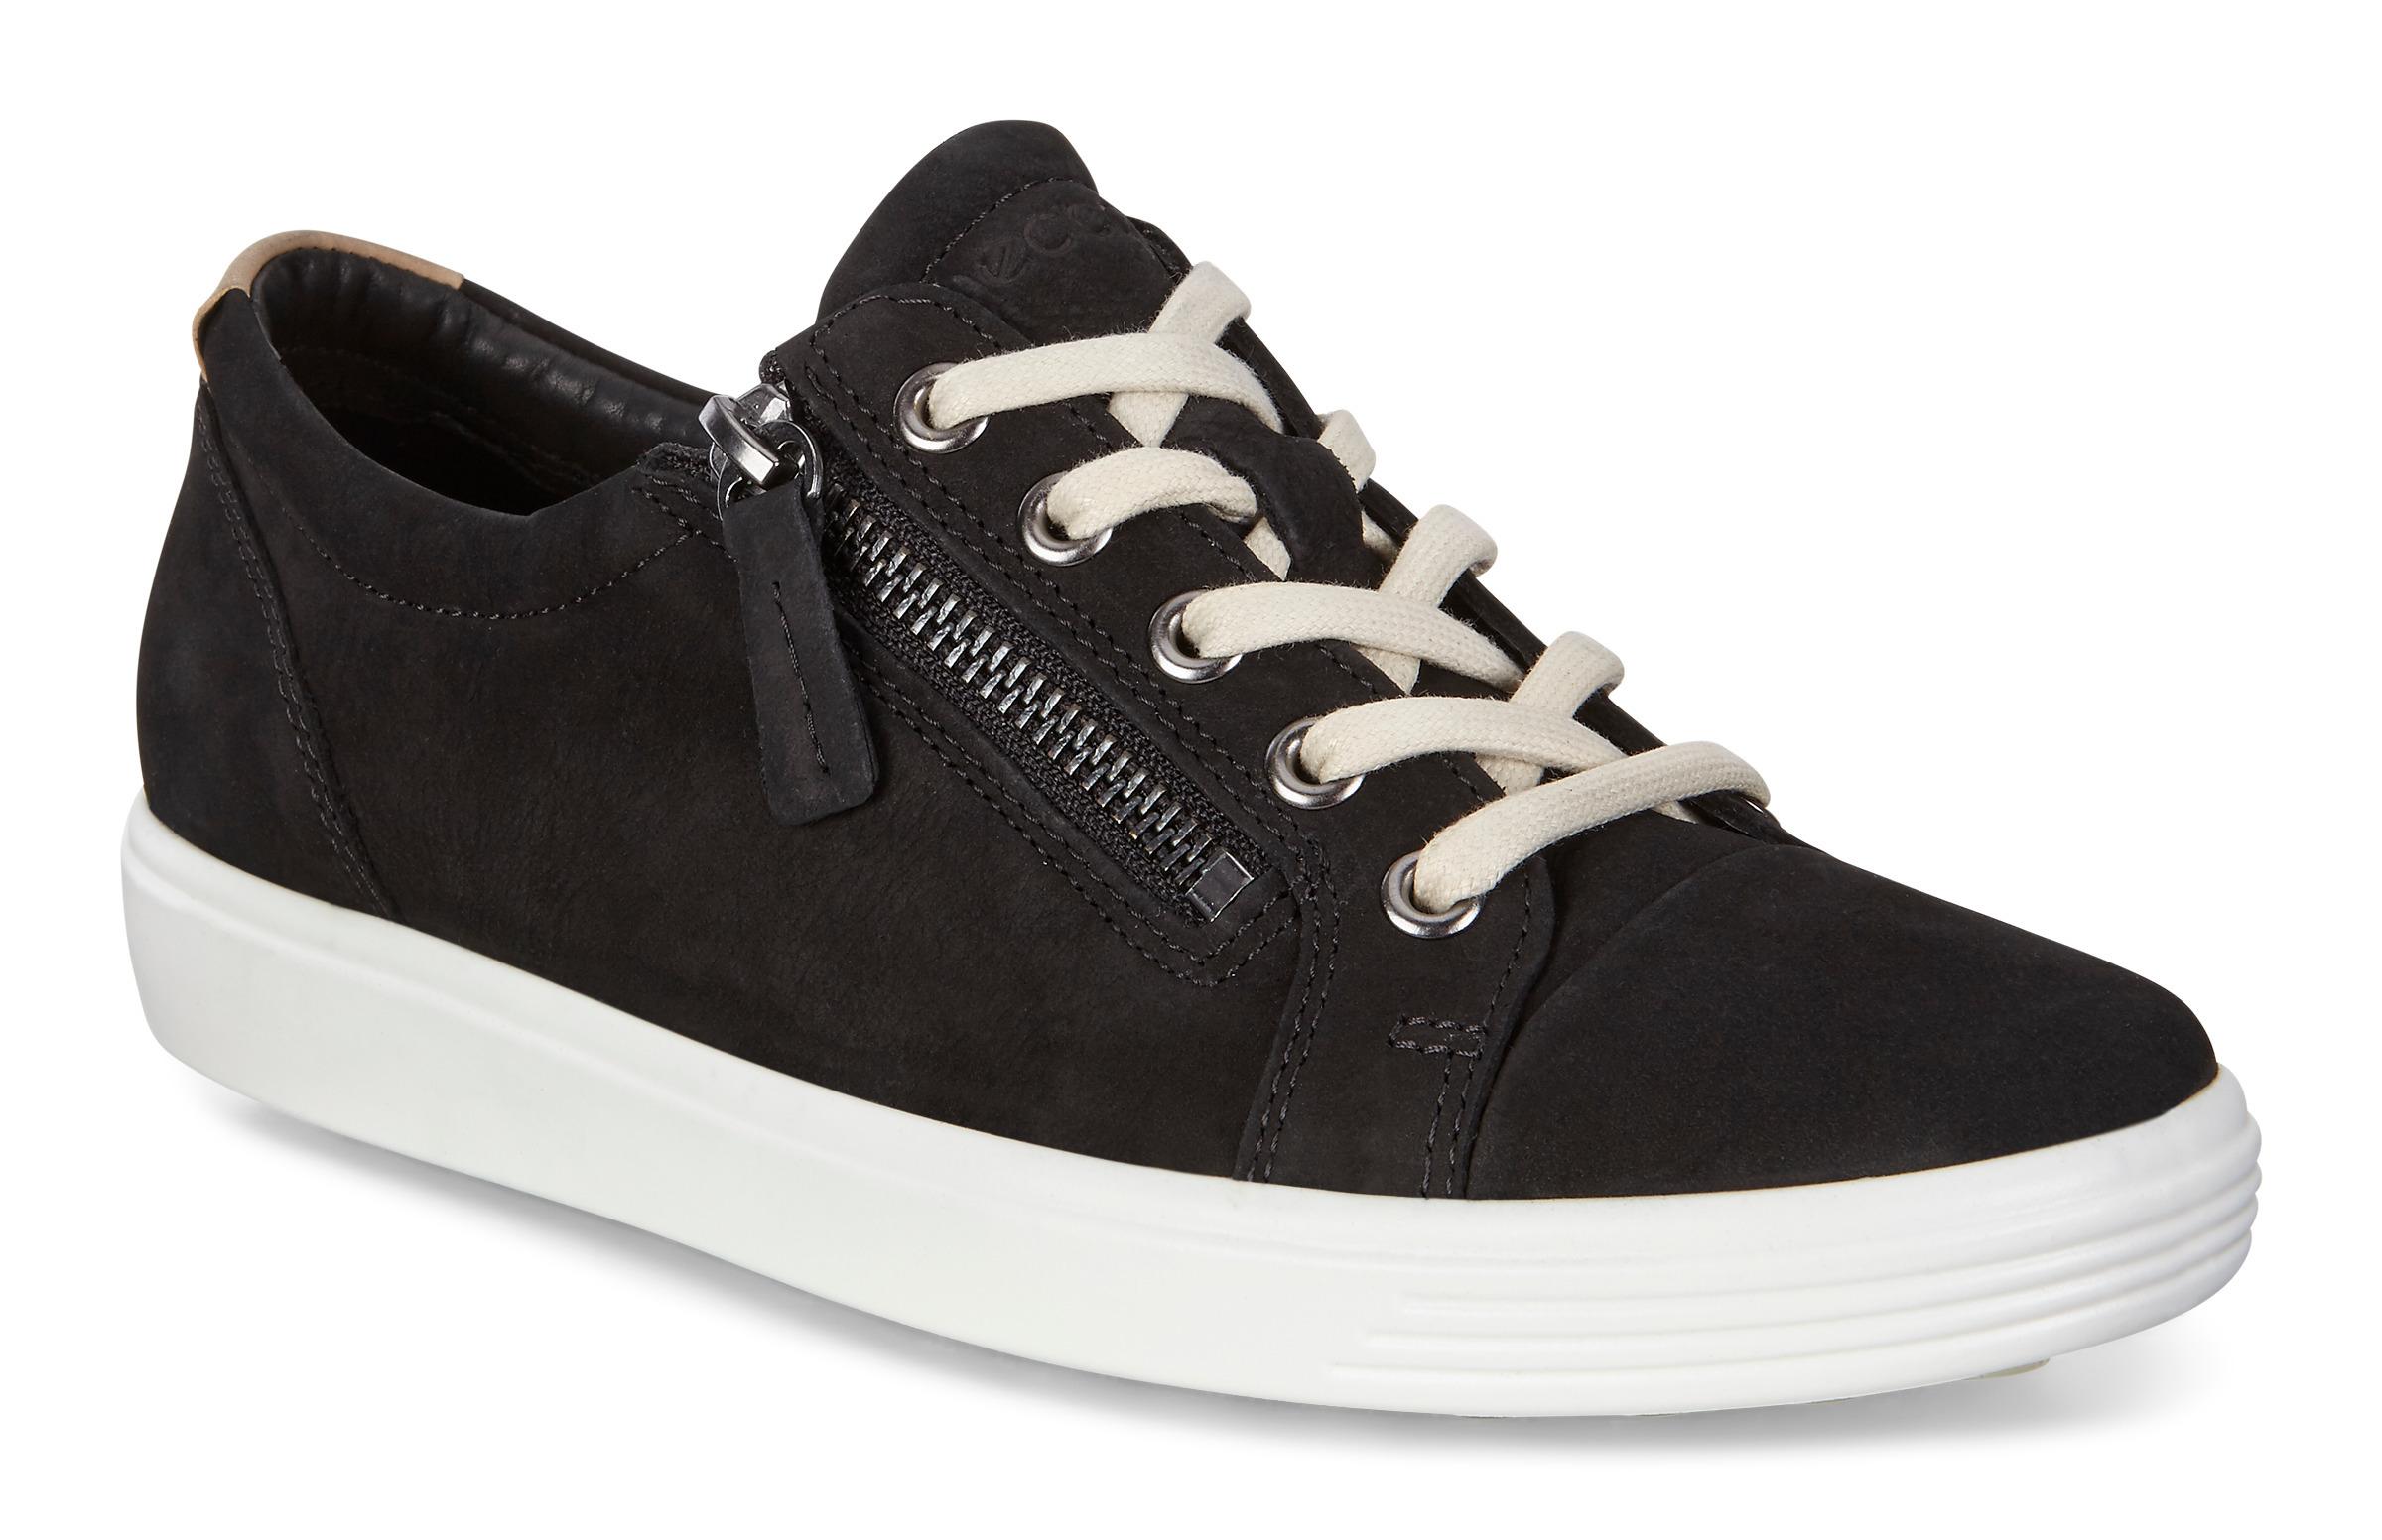 geox skor återförsäljare stockholm